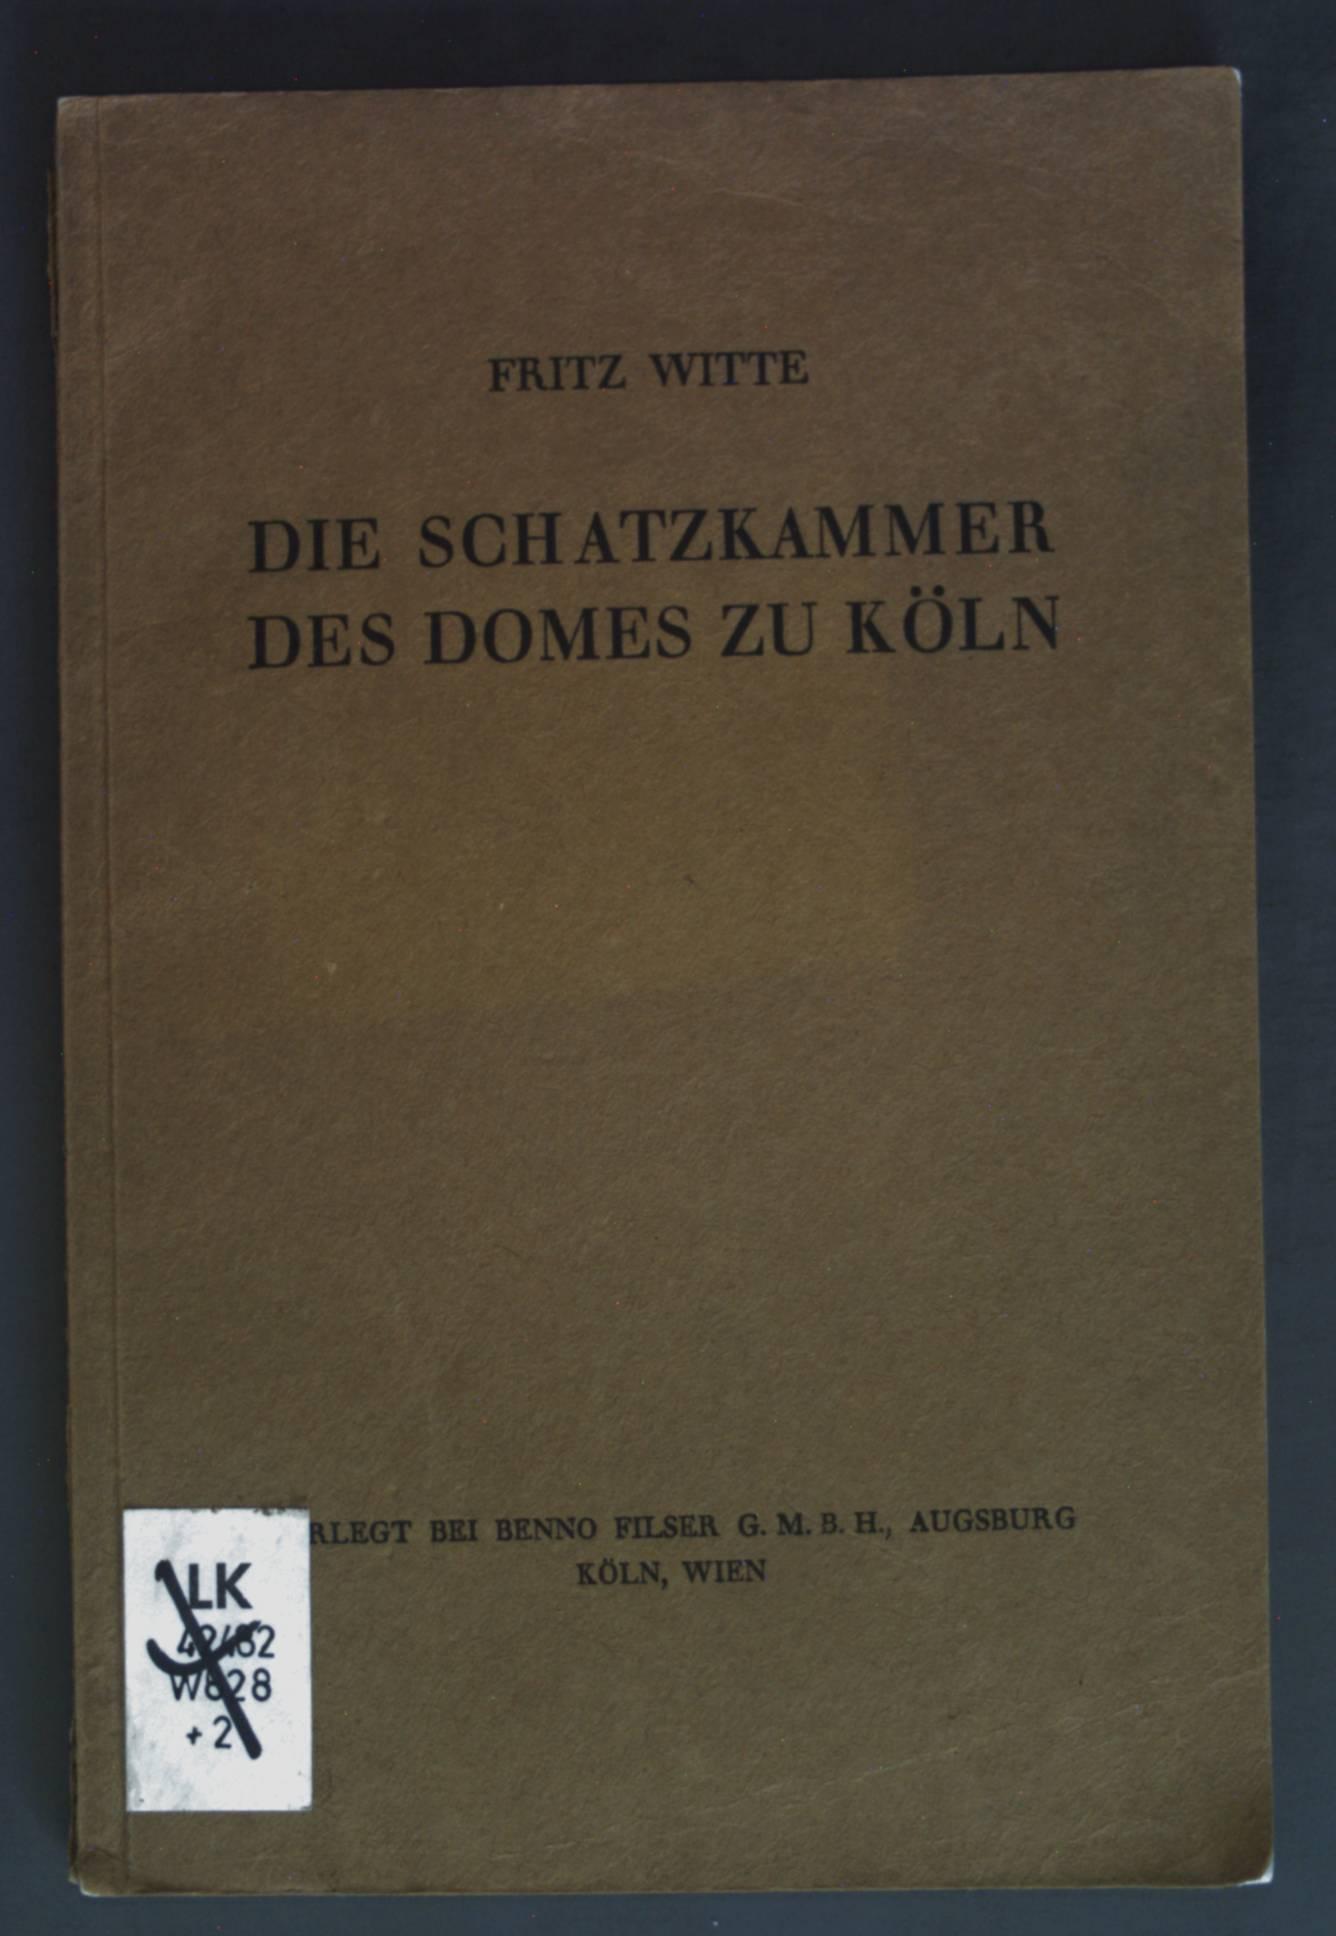 Die Schatzkammer des Domes zu Köln -: Witte, Fritz: